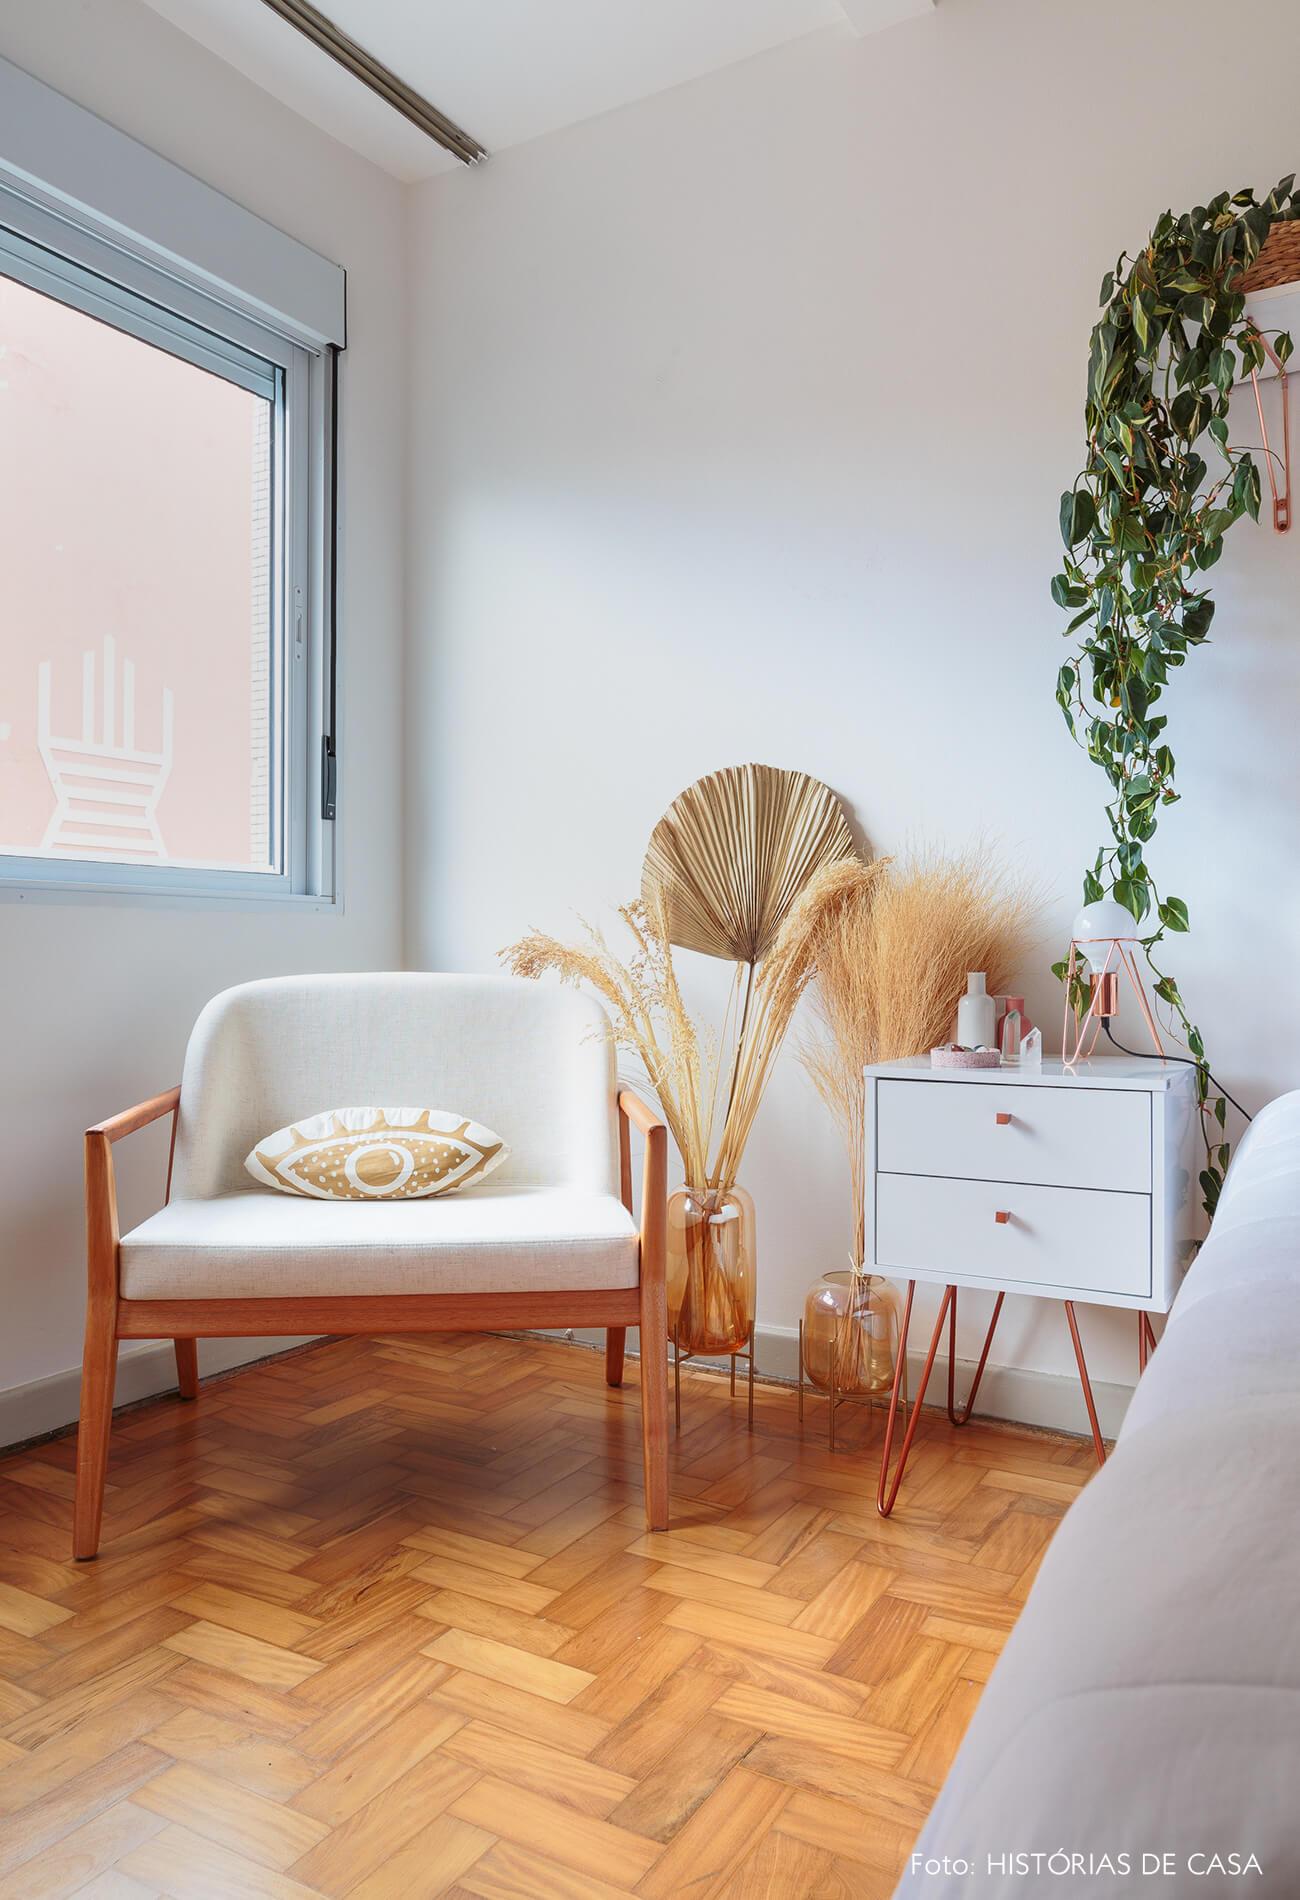 decoração ape alugado quarto com poltrona, plantas e mesa branca